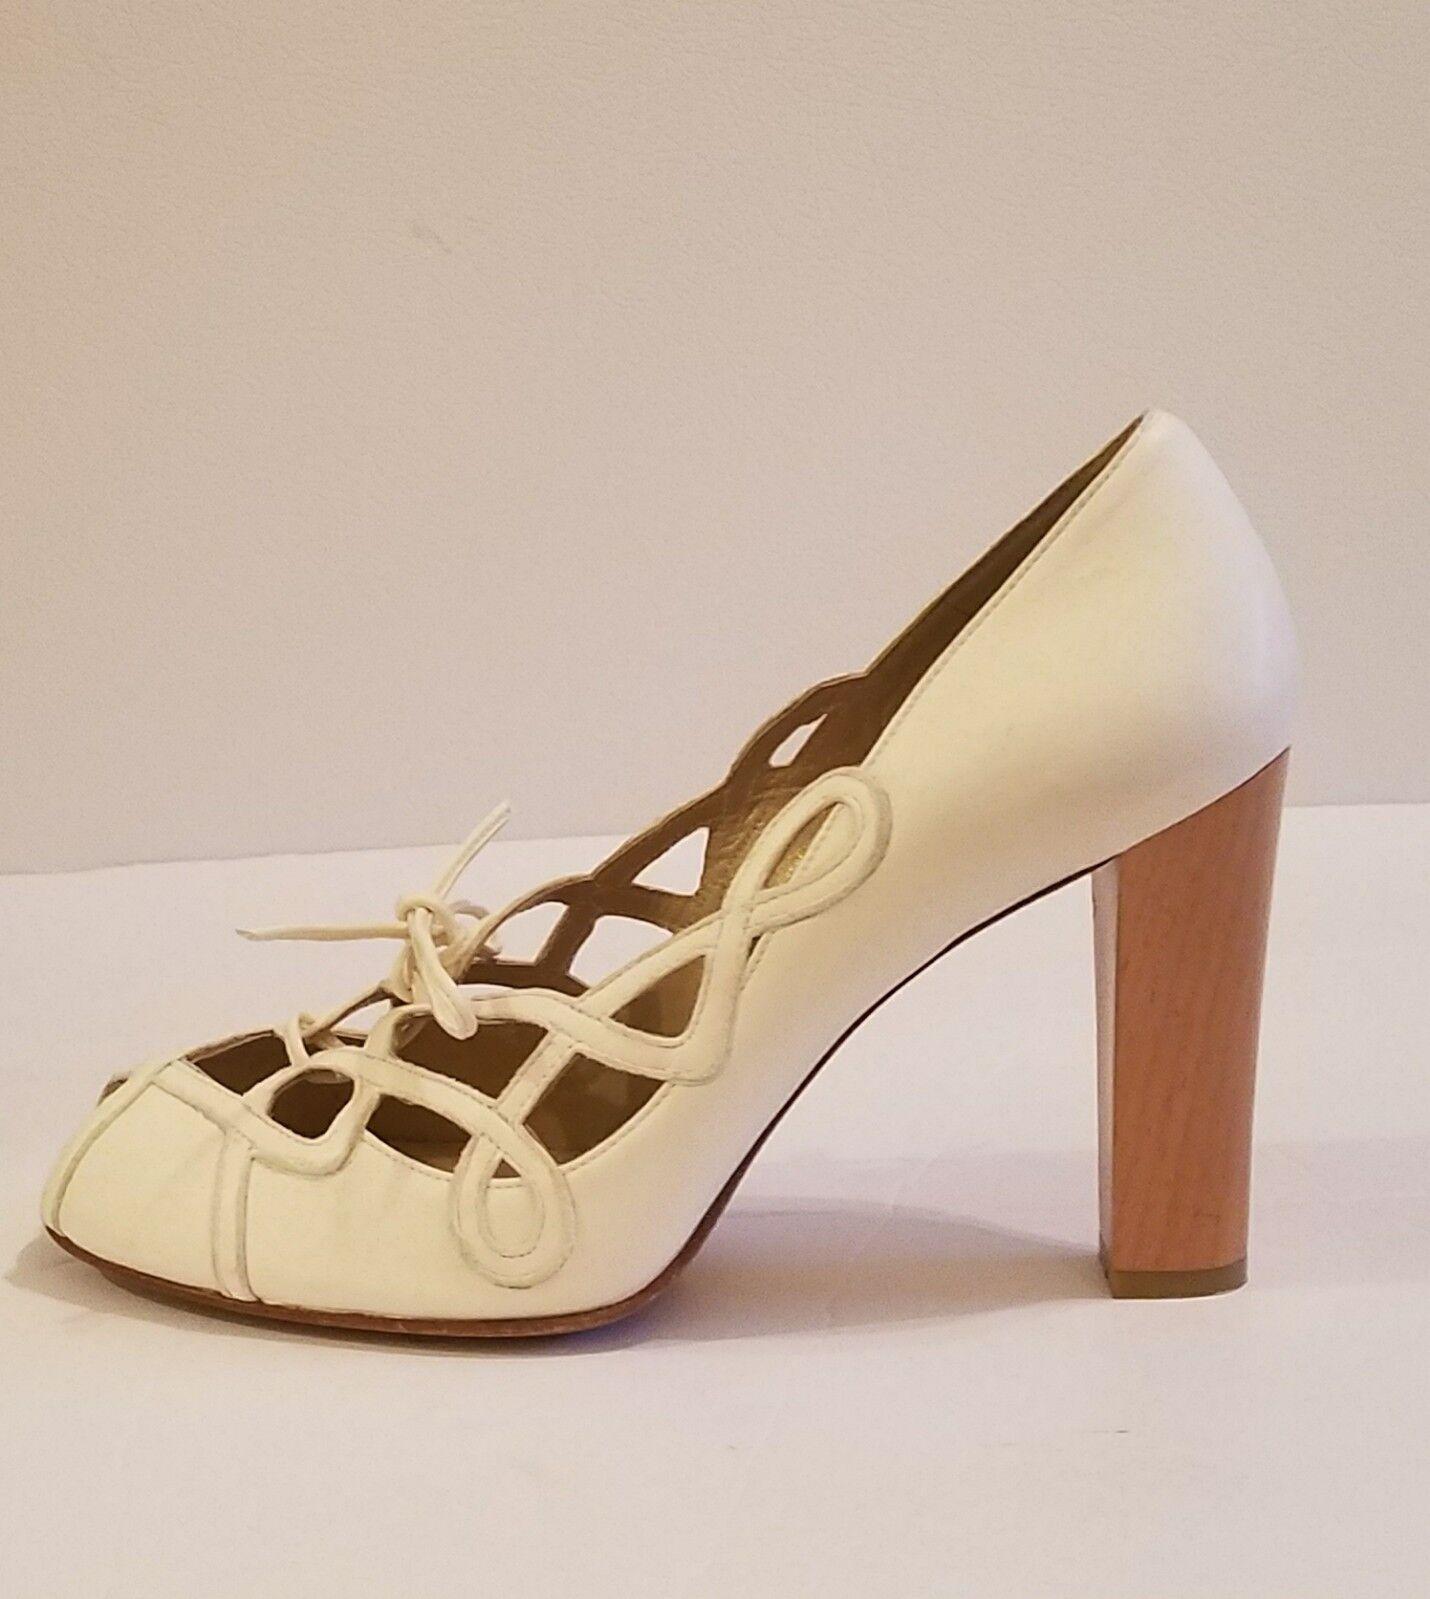 Stuart Weitzman Cuero Peep Toe Sandalias Zapatos Con Cordones De De De blancoO Talla 10 como es  despacho de tienda